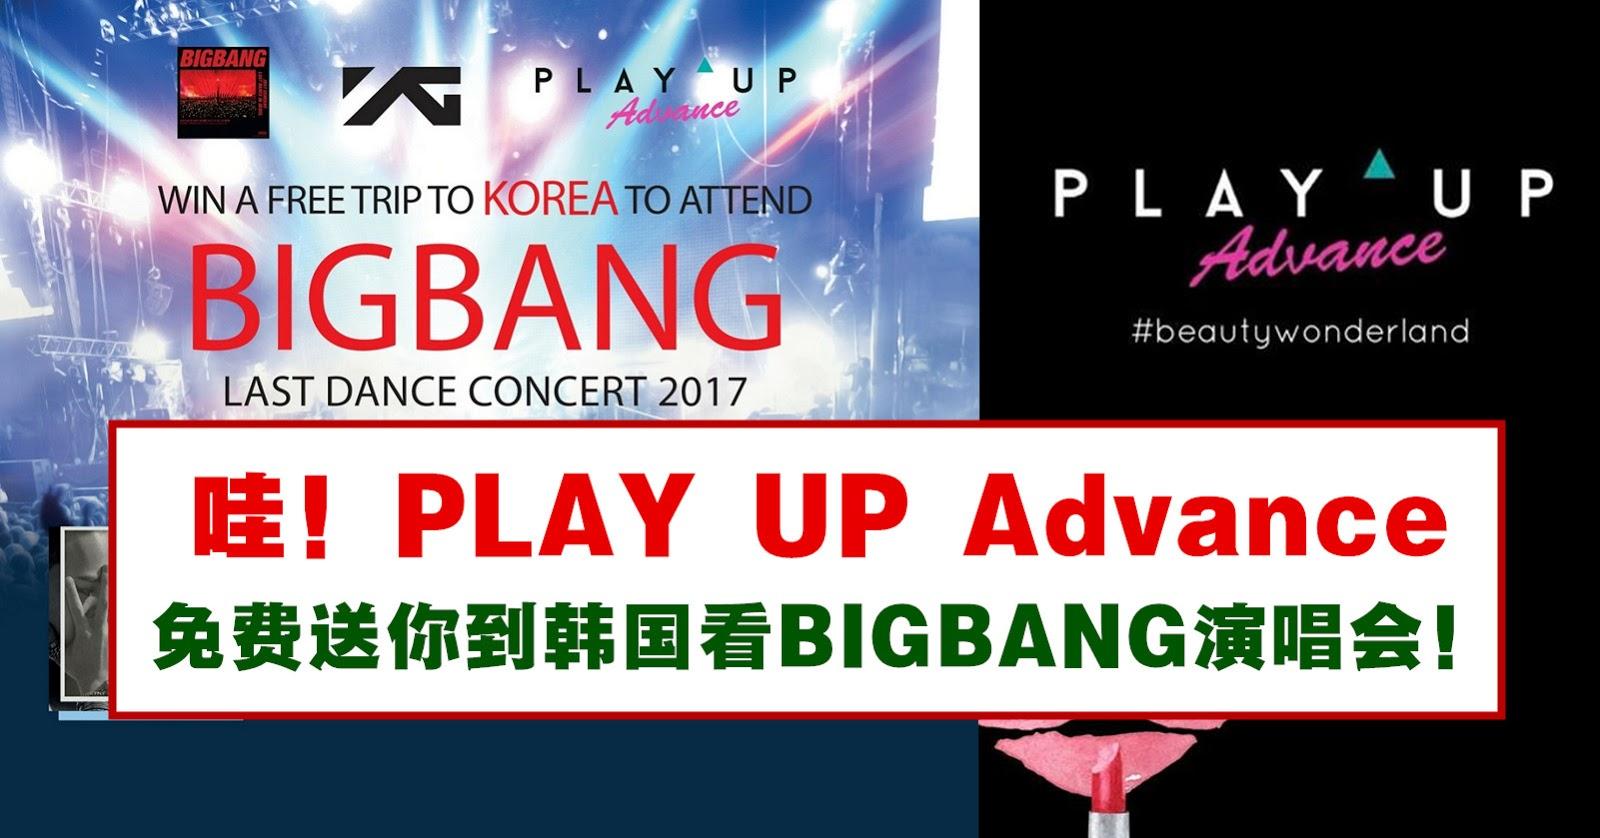 哇!PLAY UP Advance免费送你到韩国看BIGBANG演唱会!